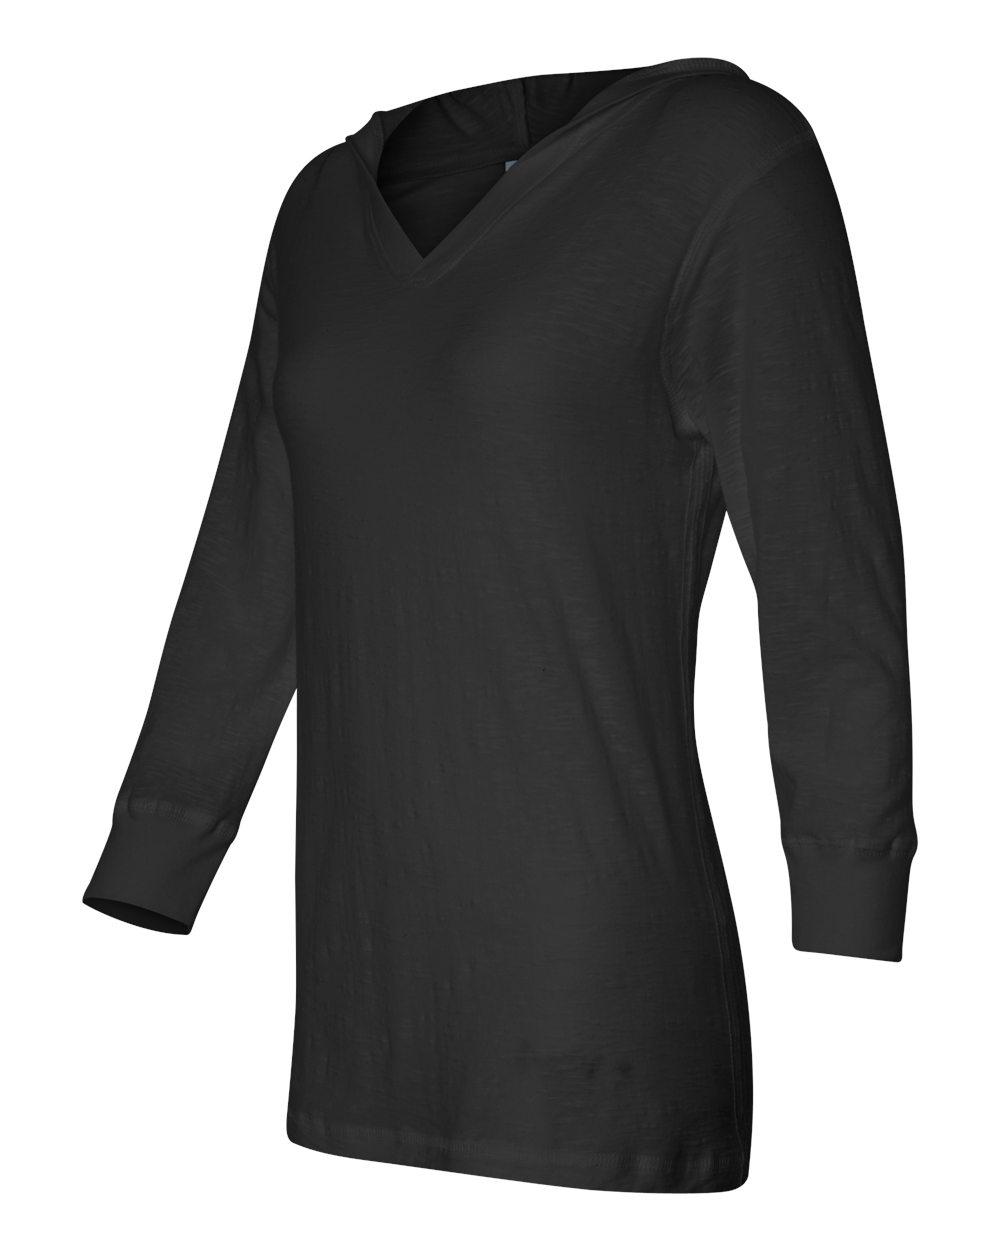 J.America 8153 Ladies' Three-Quarter Sleeve Hooded Slub Tee